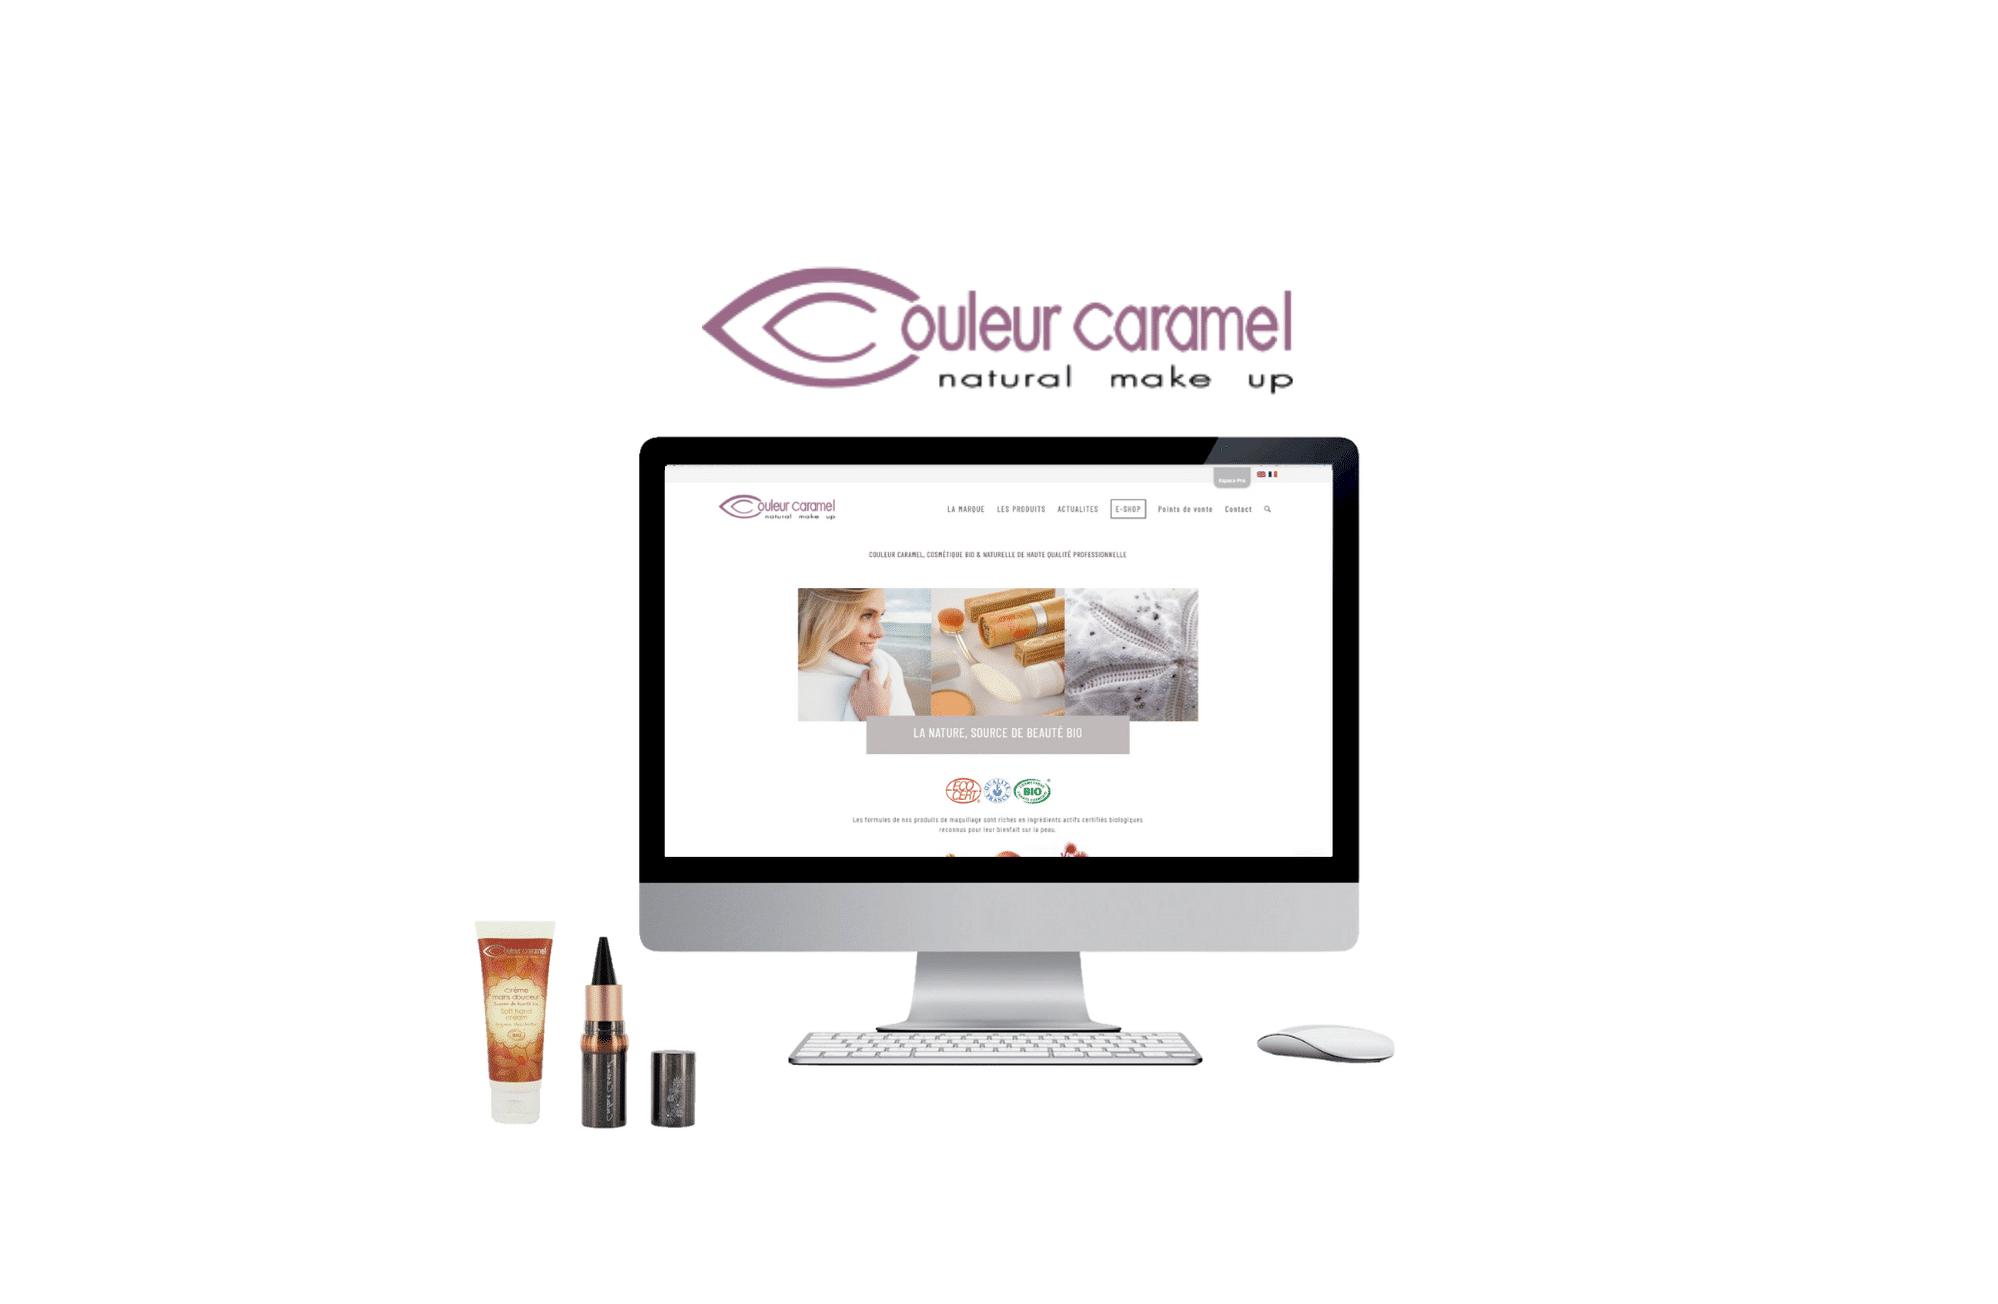 création de site b to b couleur caramel thalgo